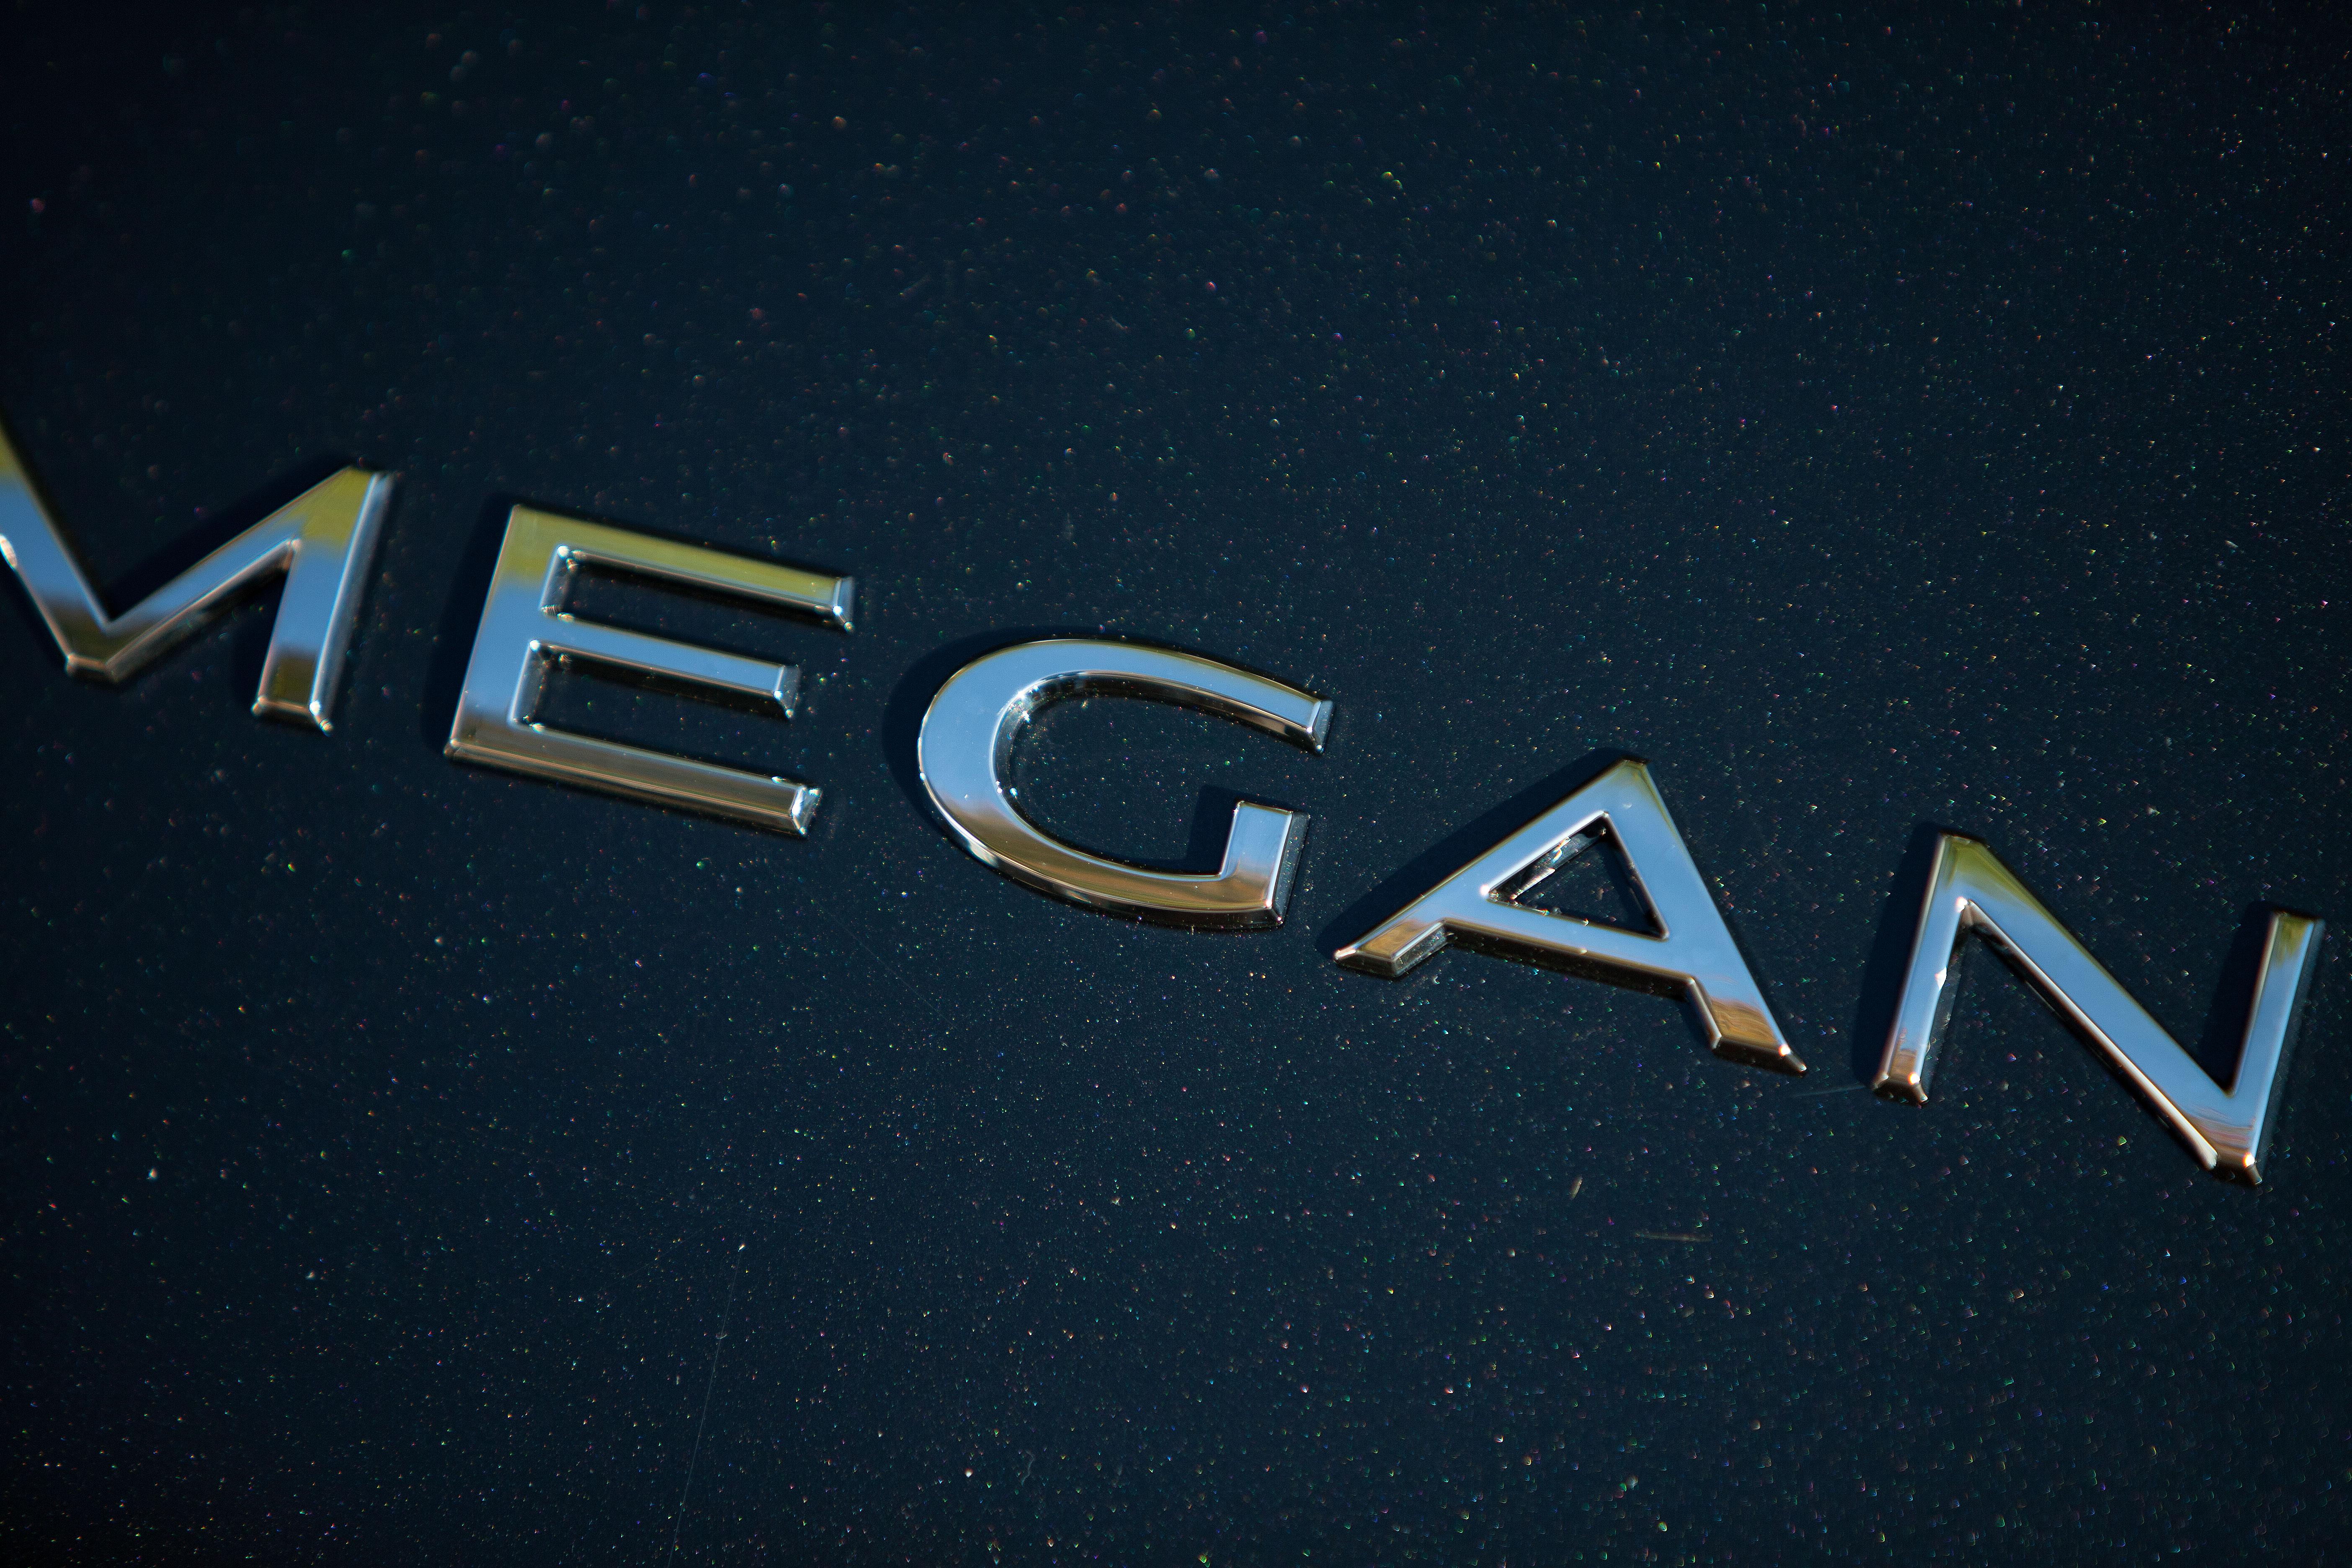 renault-carname-megane-closeup-1